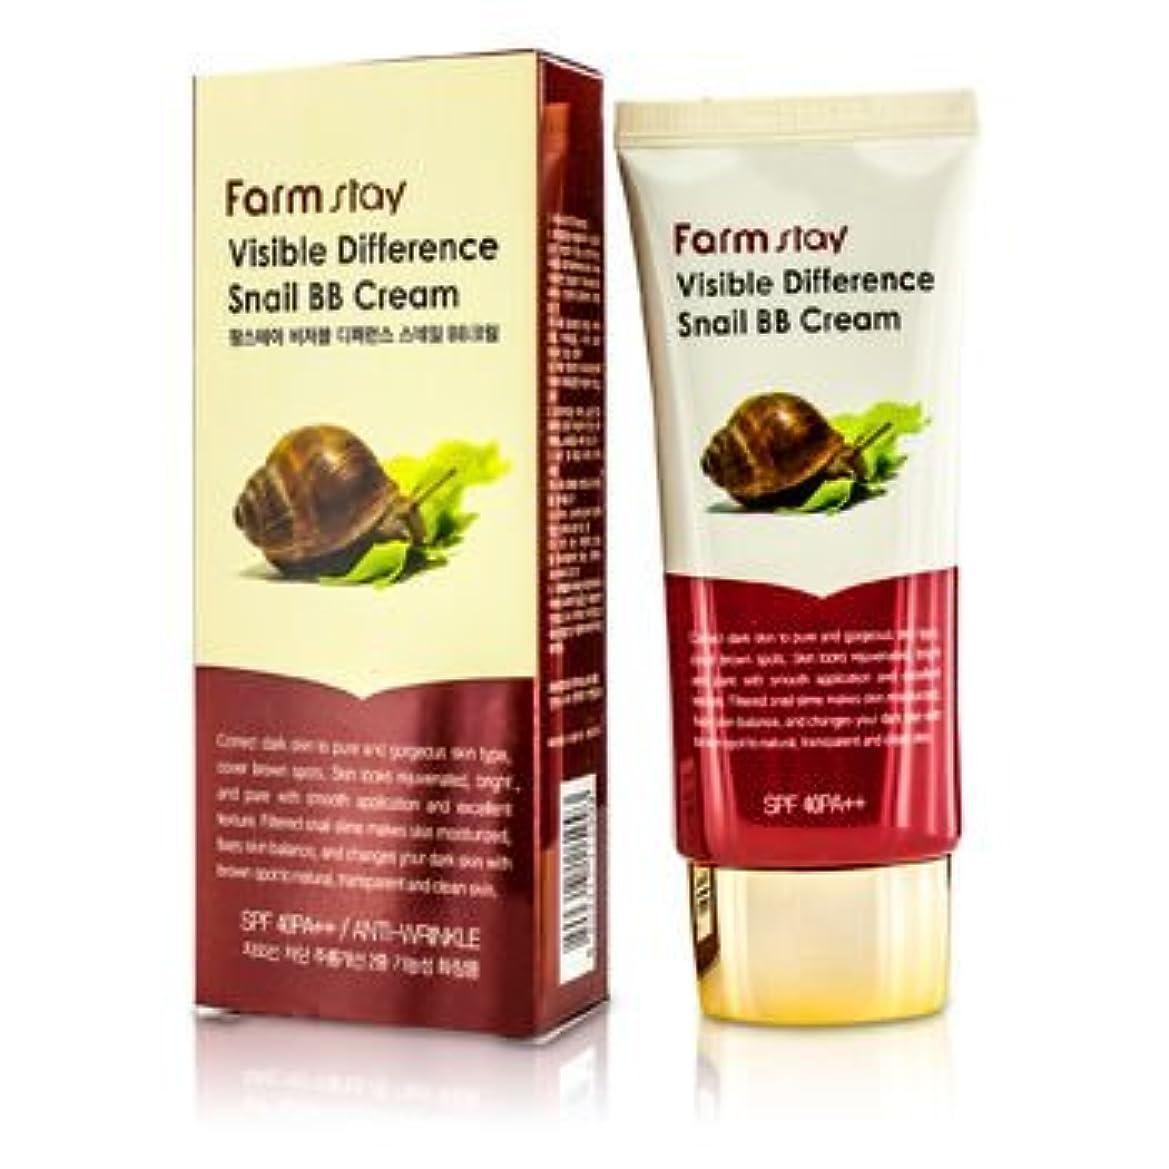 聖域アルミニウム補充Farm Stay Visible Difference Snail BB Cream SPF 40 PA++ 50g/1.76oz by FARMSTAY